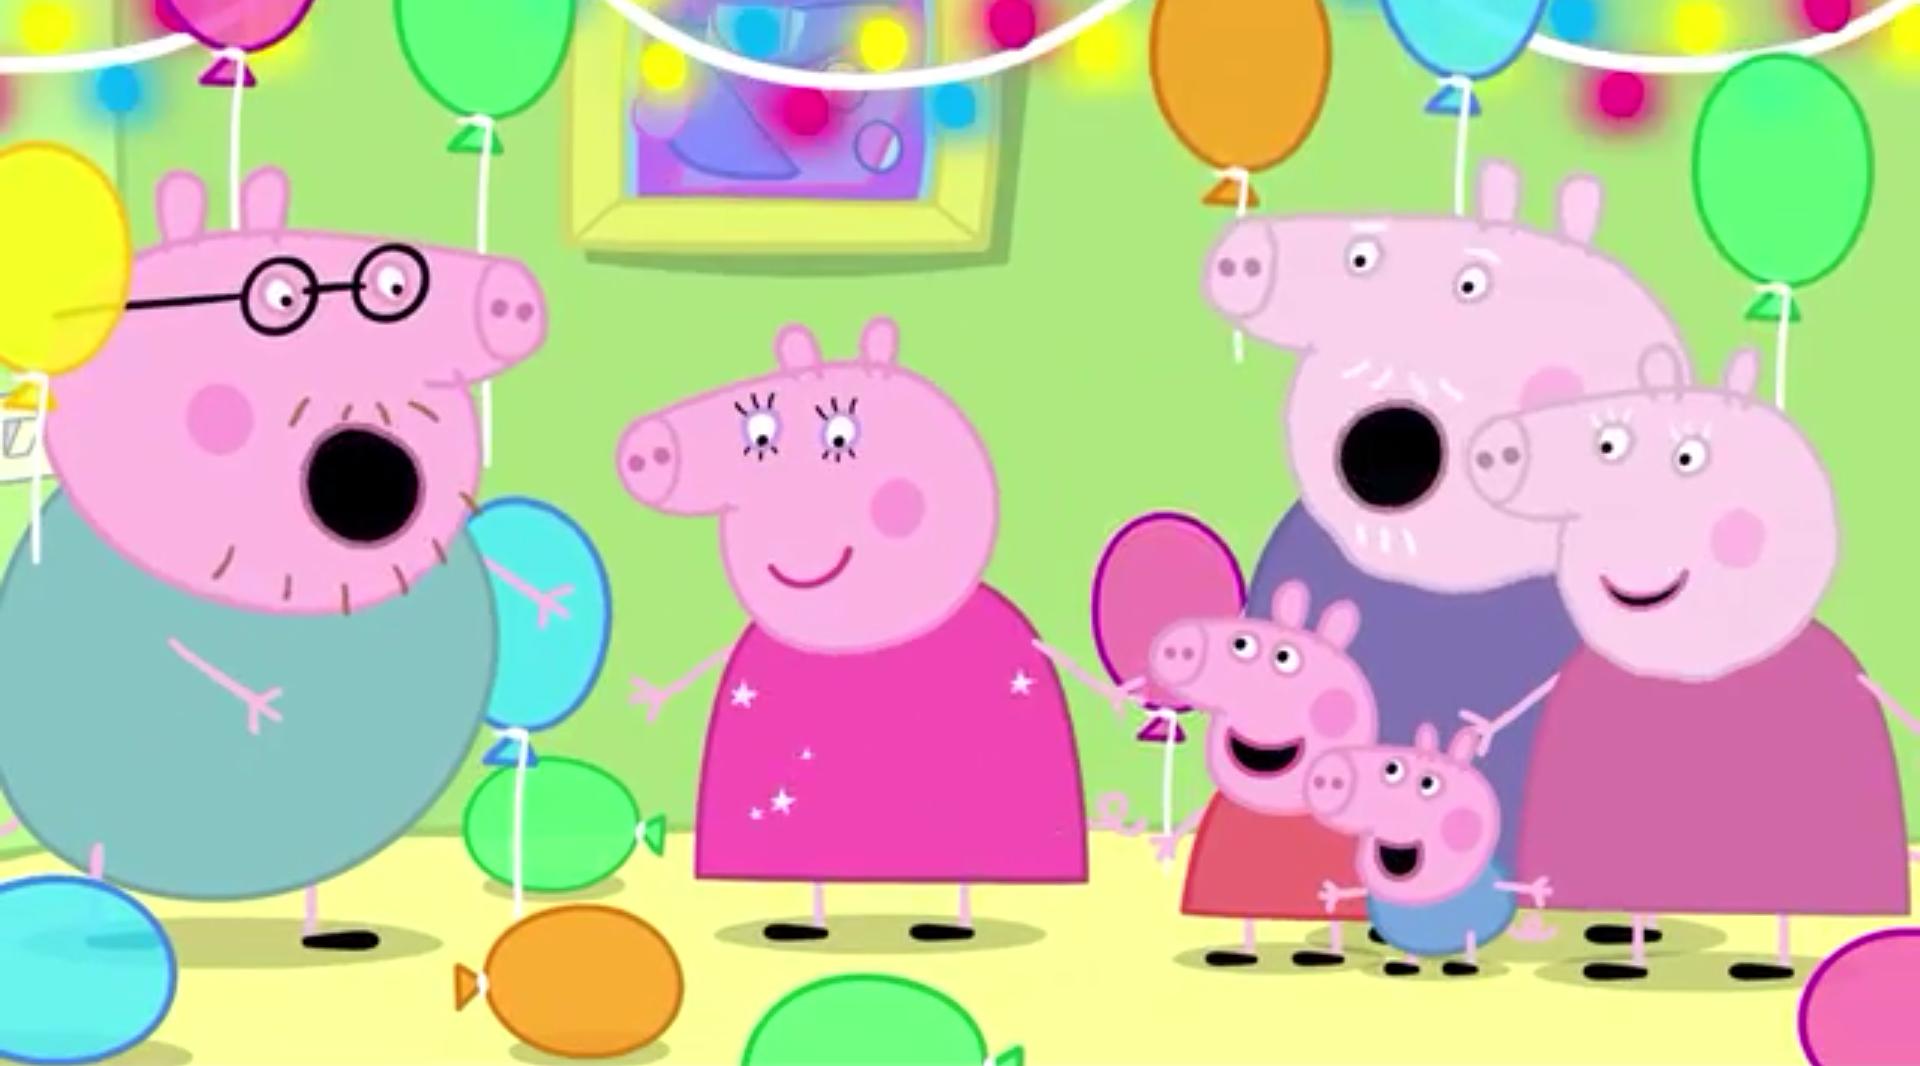 Mummy Pig S Birthday Peppa Pig Wiki Fandom Powered By Wikia